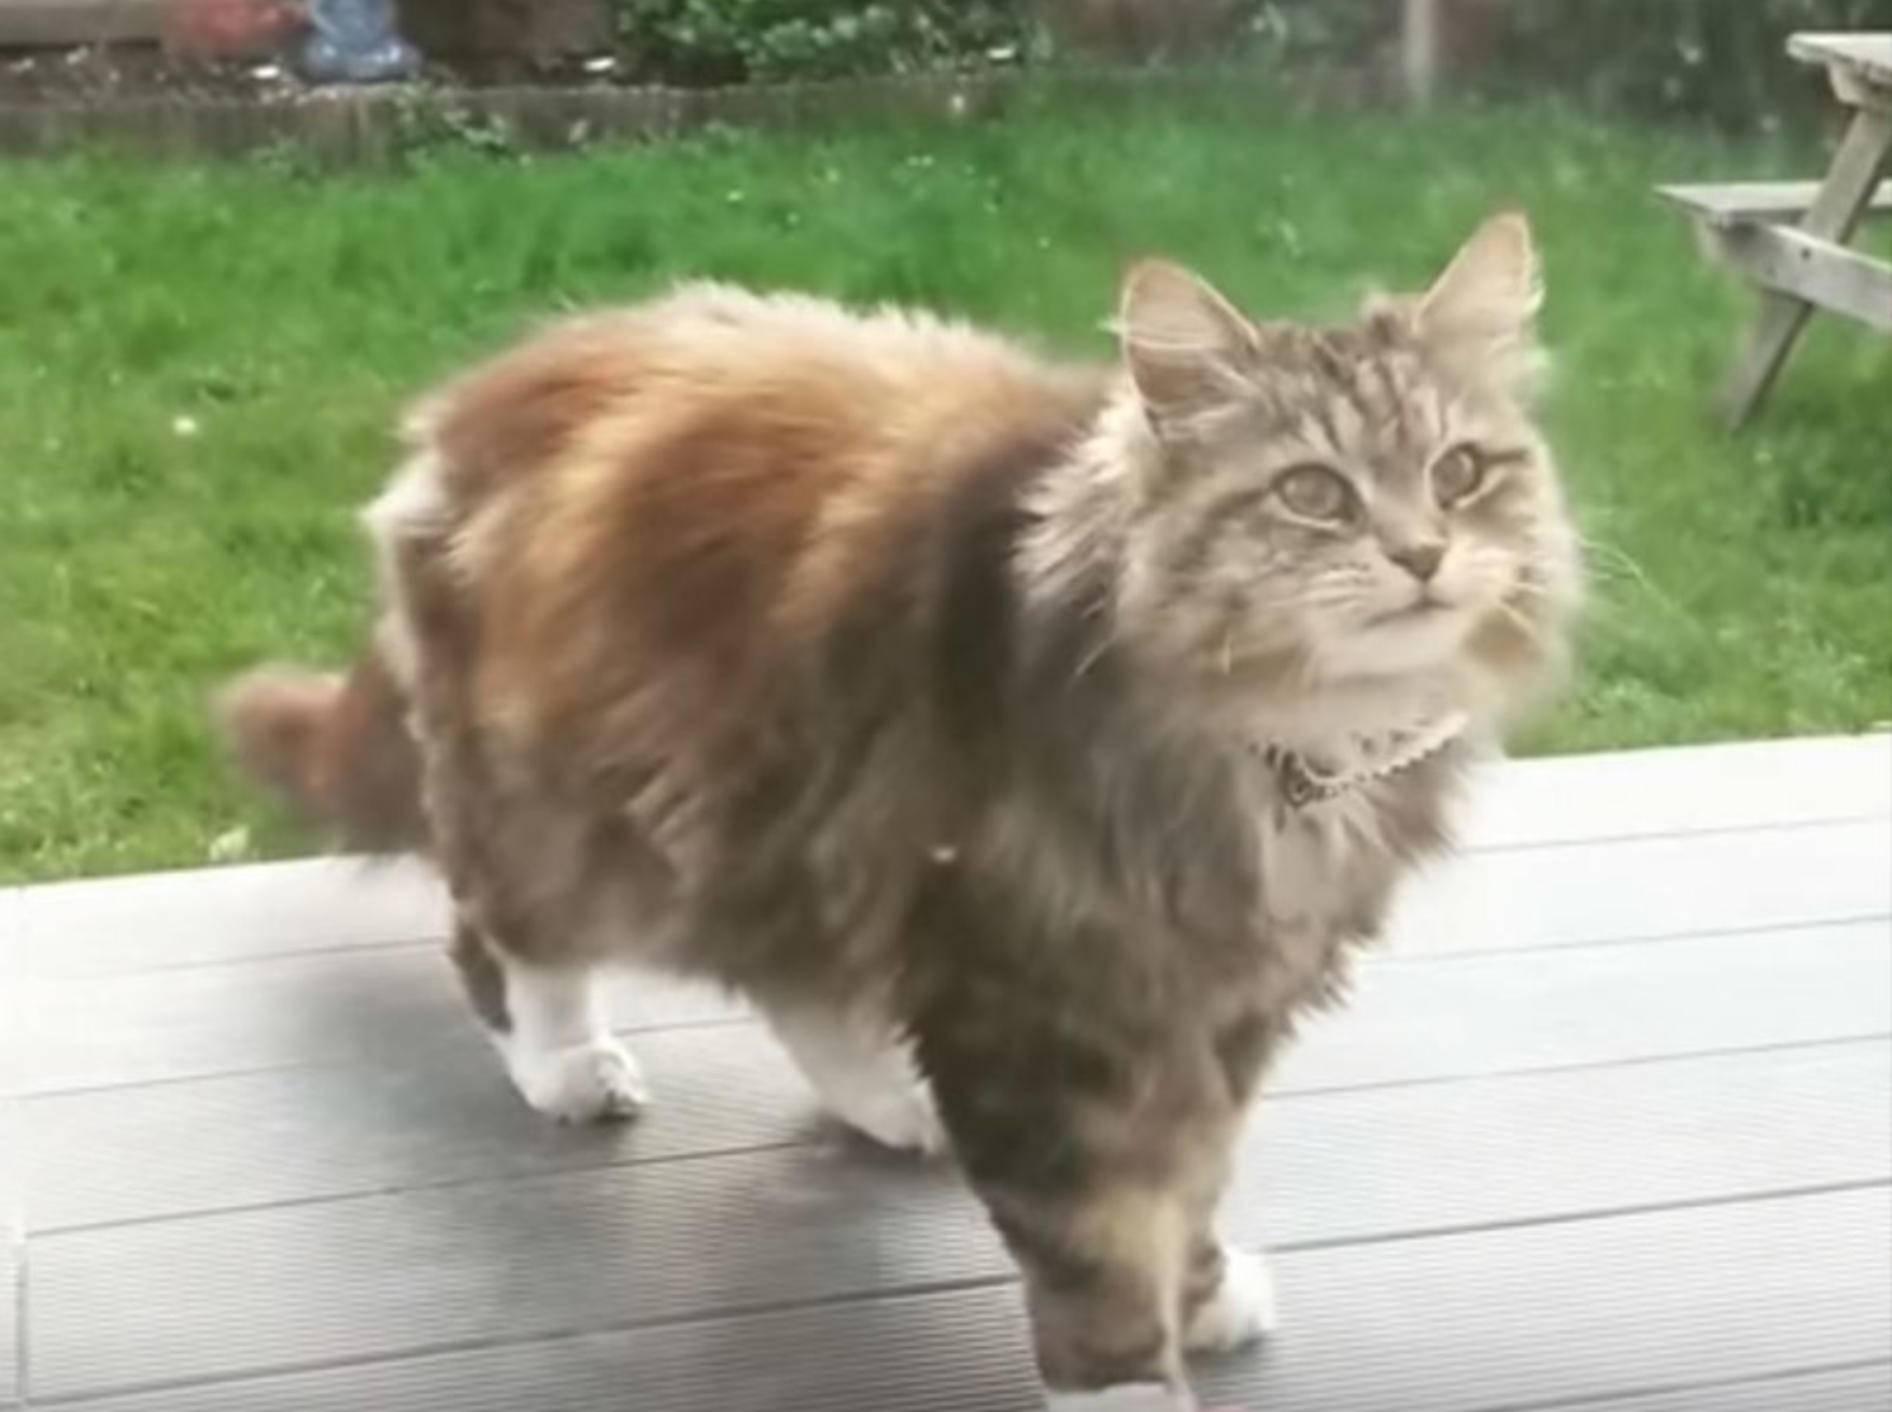 Katze Willow versorgt ihre Nachbarin täglich mit Blüten - Bild: YouTube / Love Meow